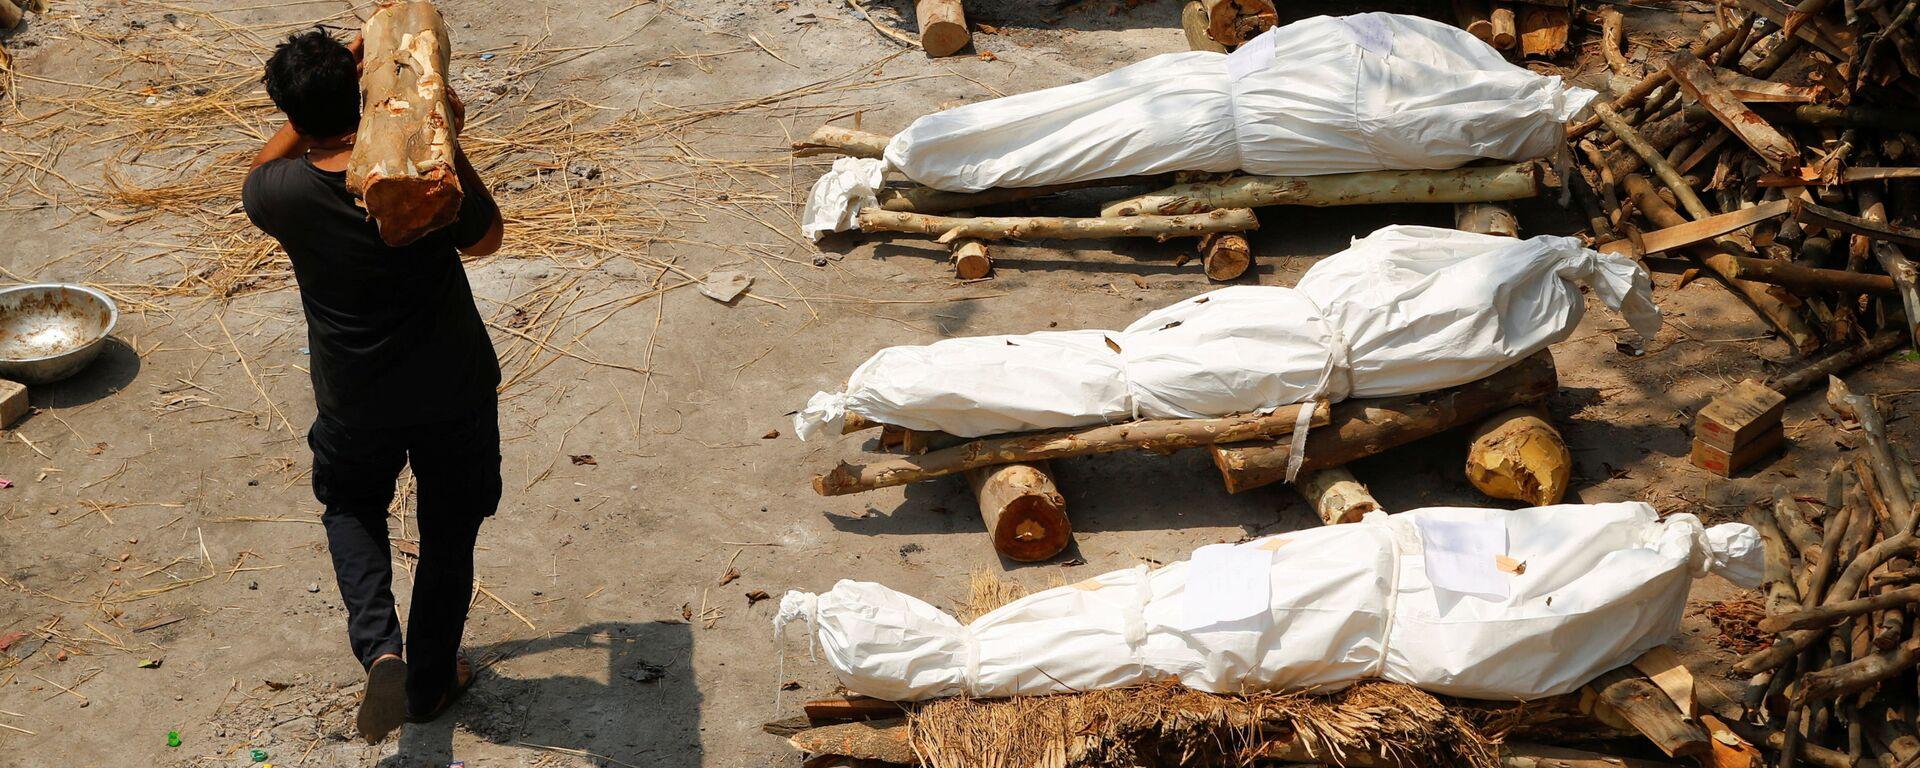 Un uomo con legna da ardere passa davanti alle pire funerarie durante la cremazione di massa in India - Sputnik Italia, 1920, 28.04.2021